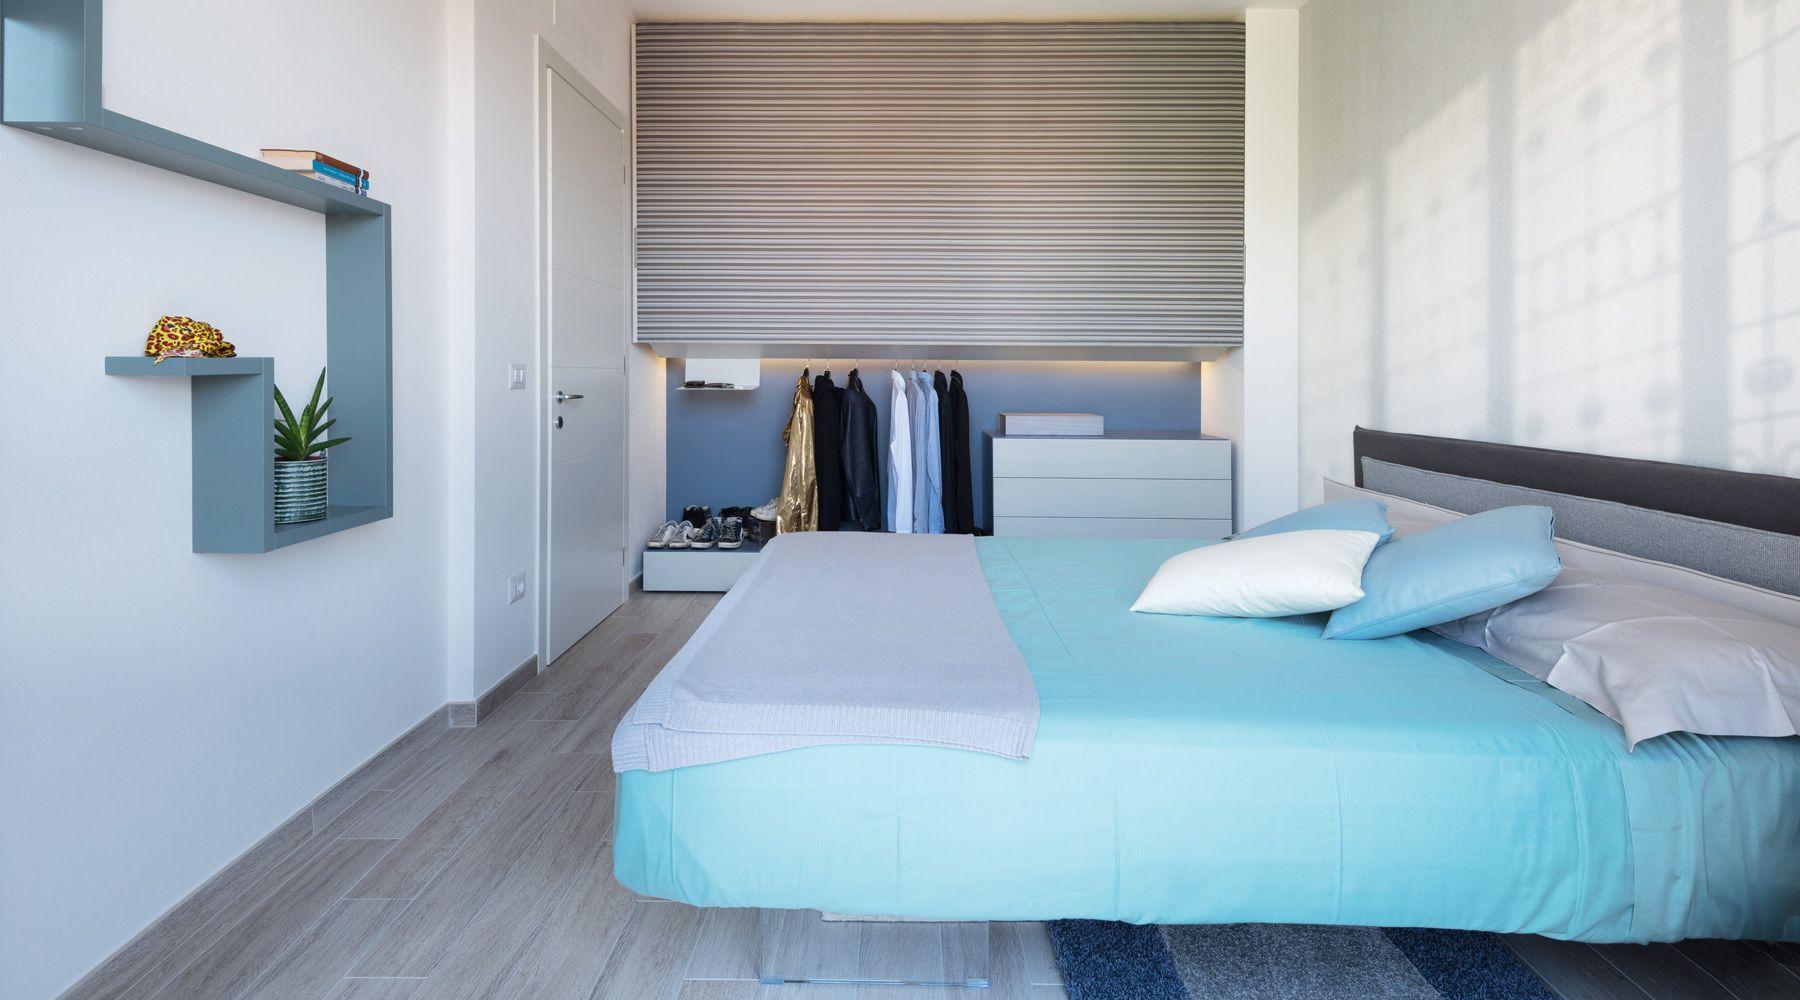 Appartamento Lago Firenze Home decor, Home, Furniture